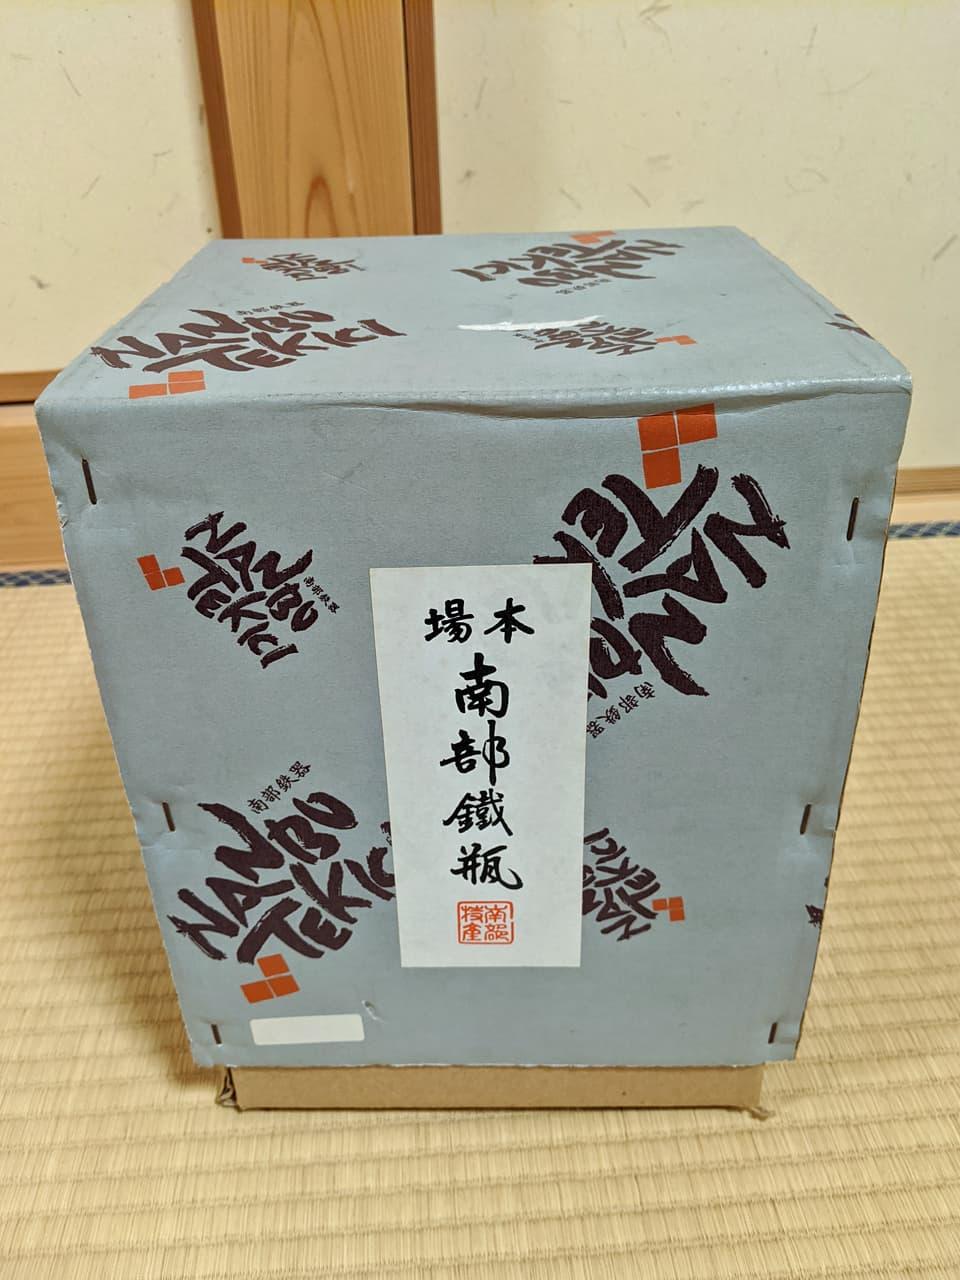 南部鉄器の箱の写真